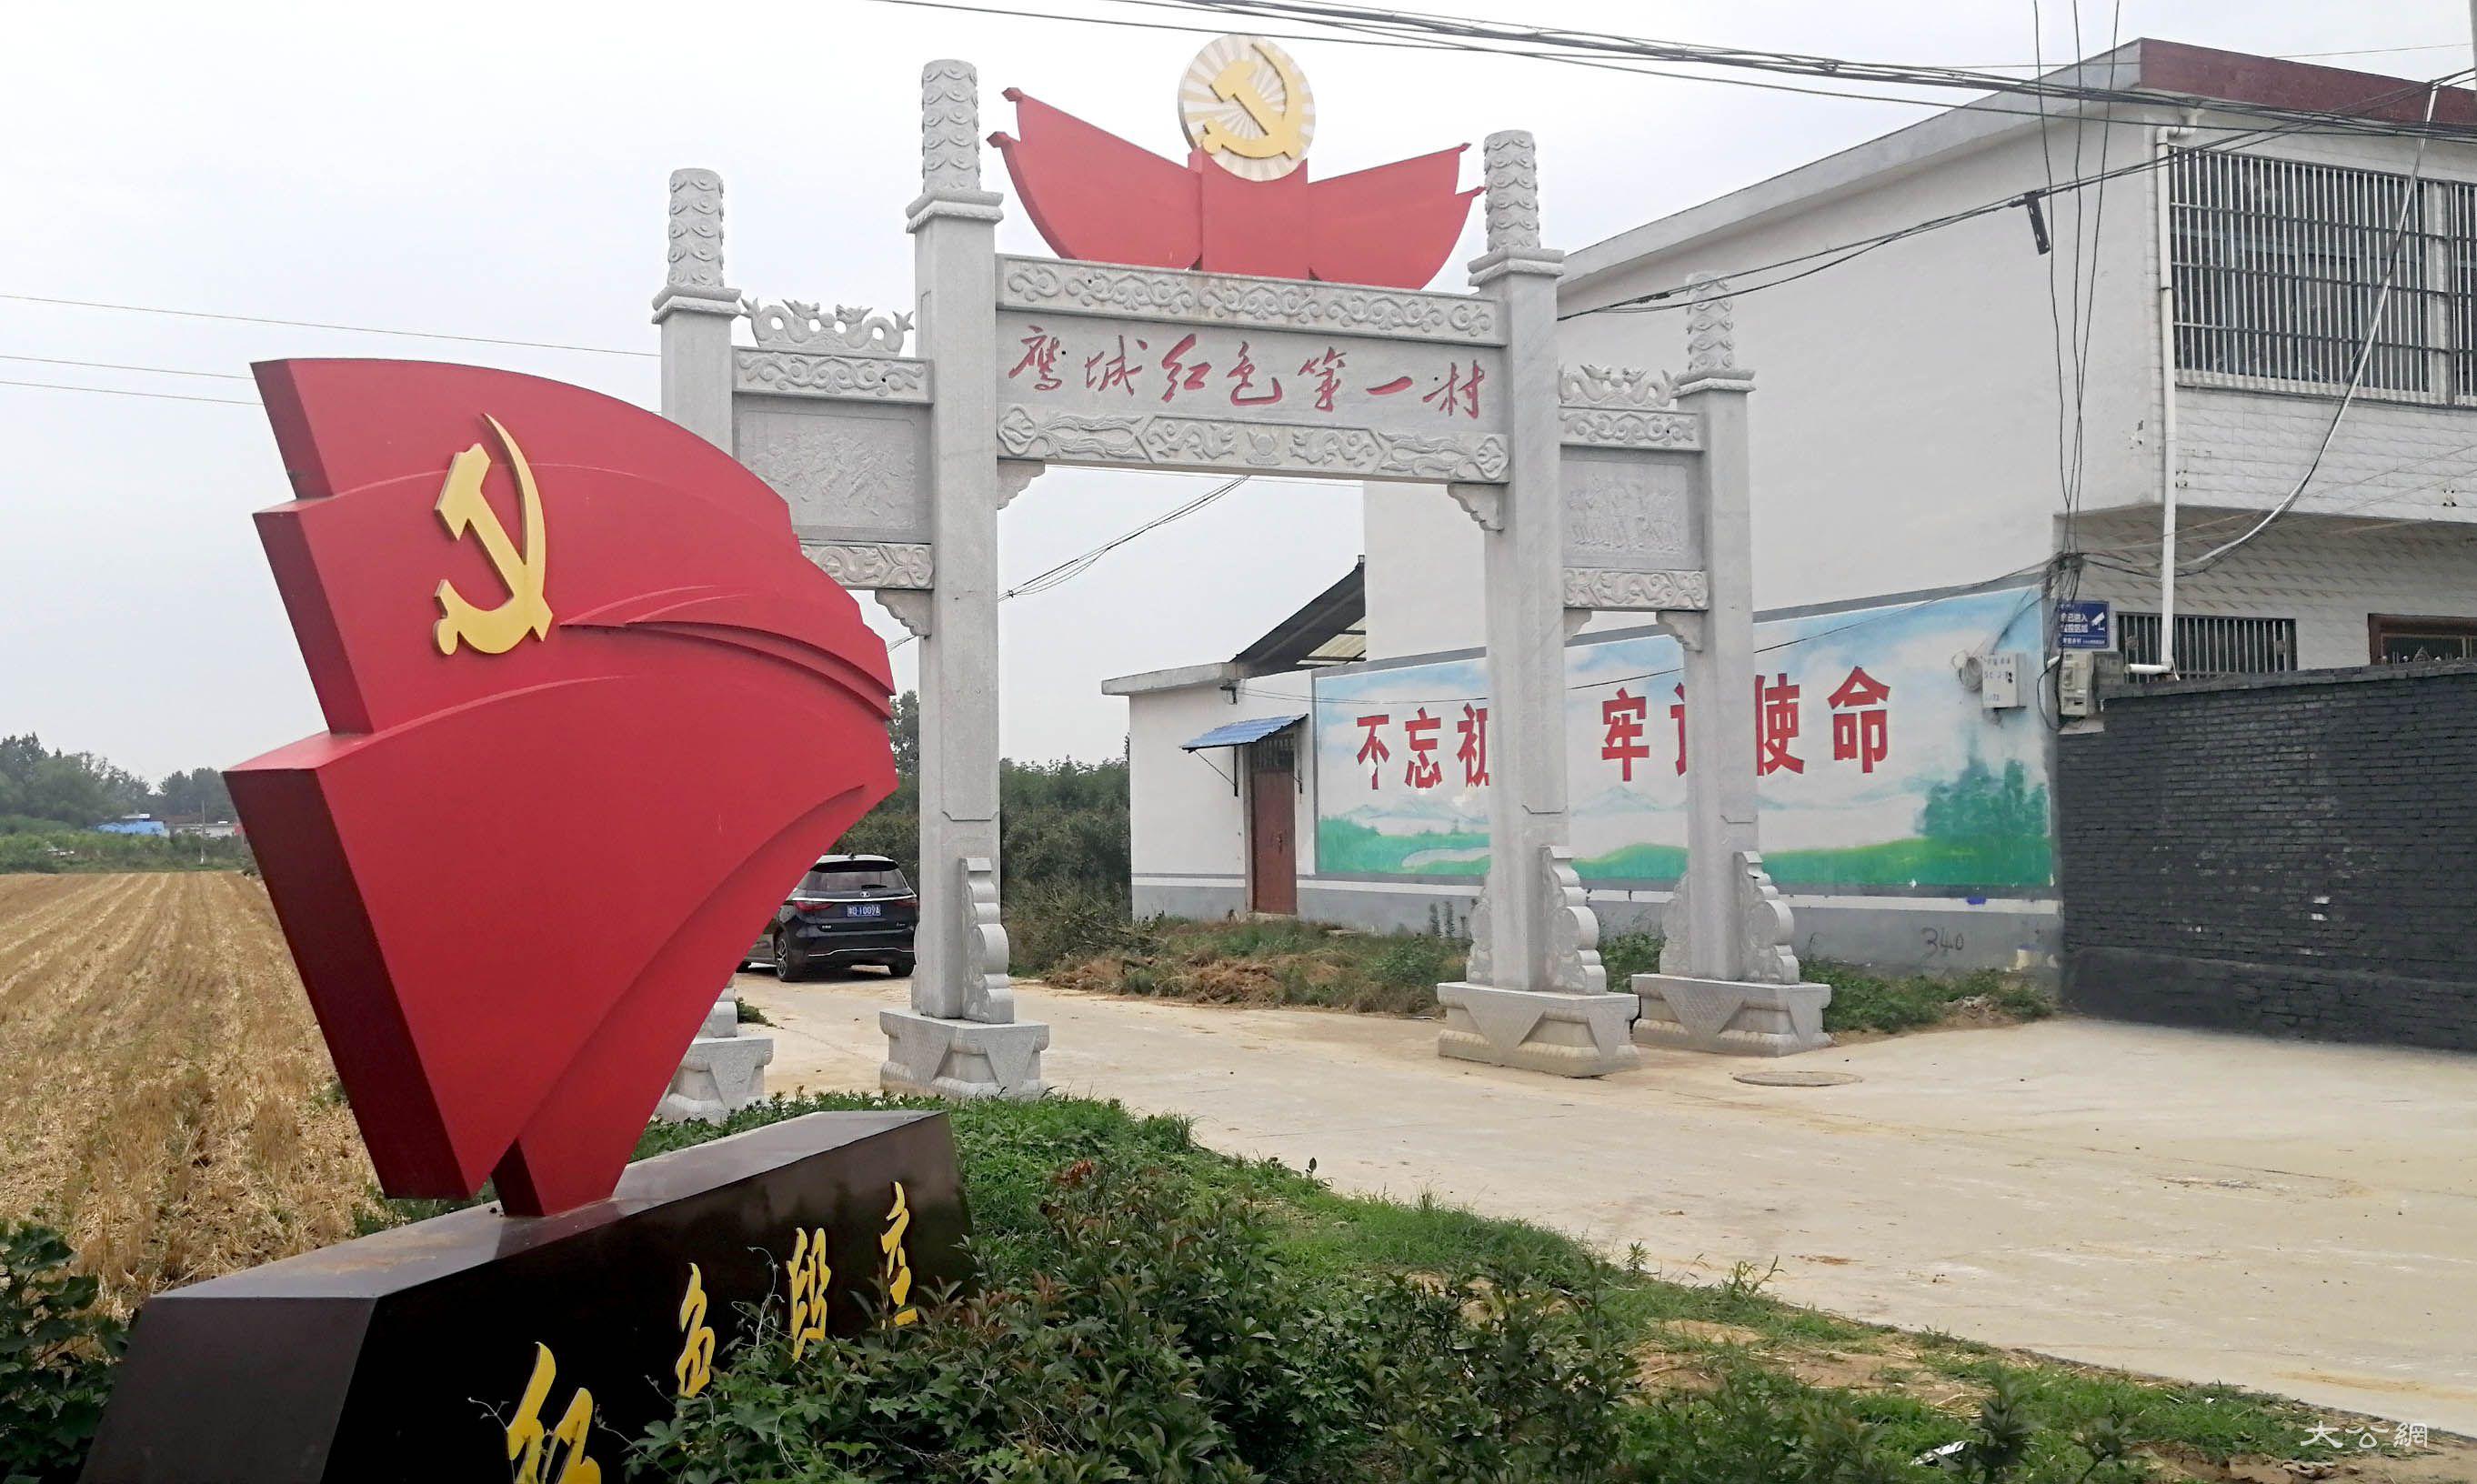 河南叶县:涌现一批批革命斗士 薪火相传正气铭传